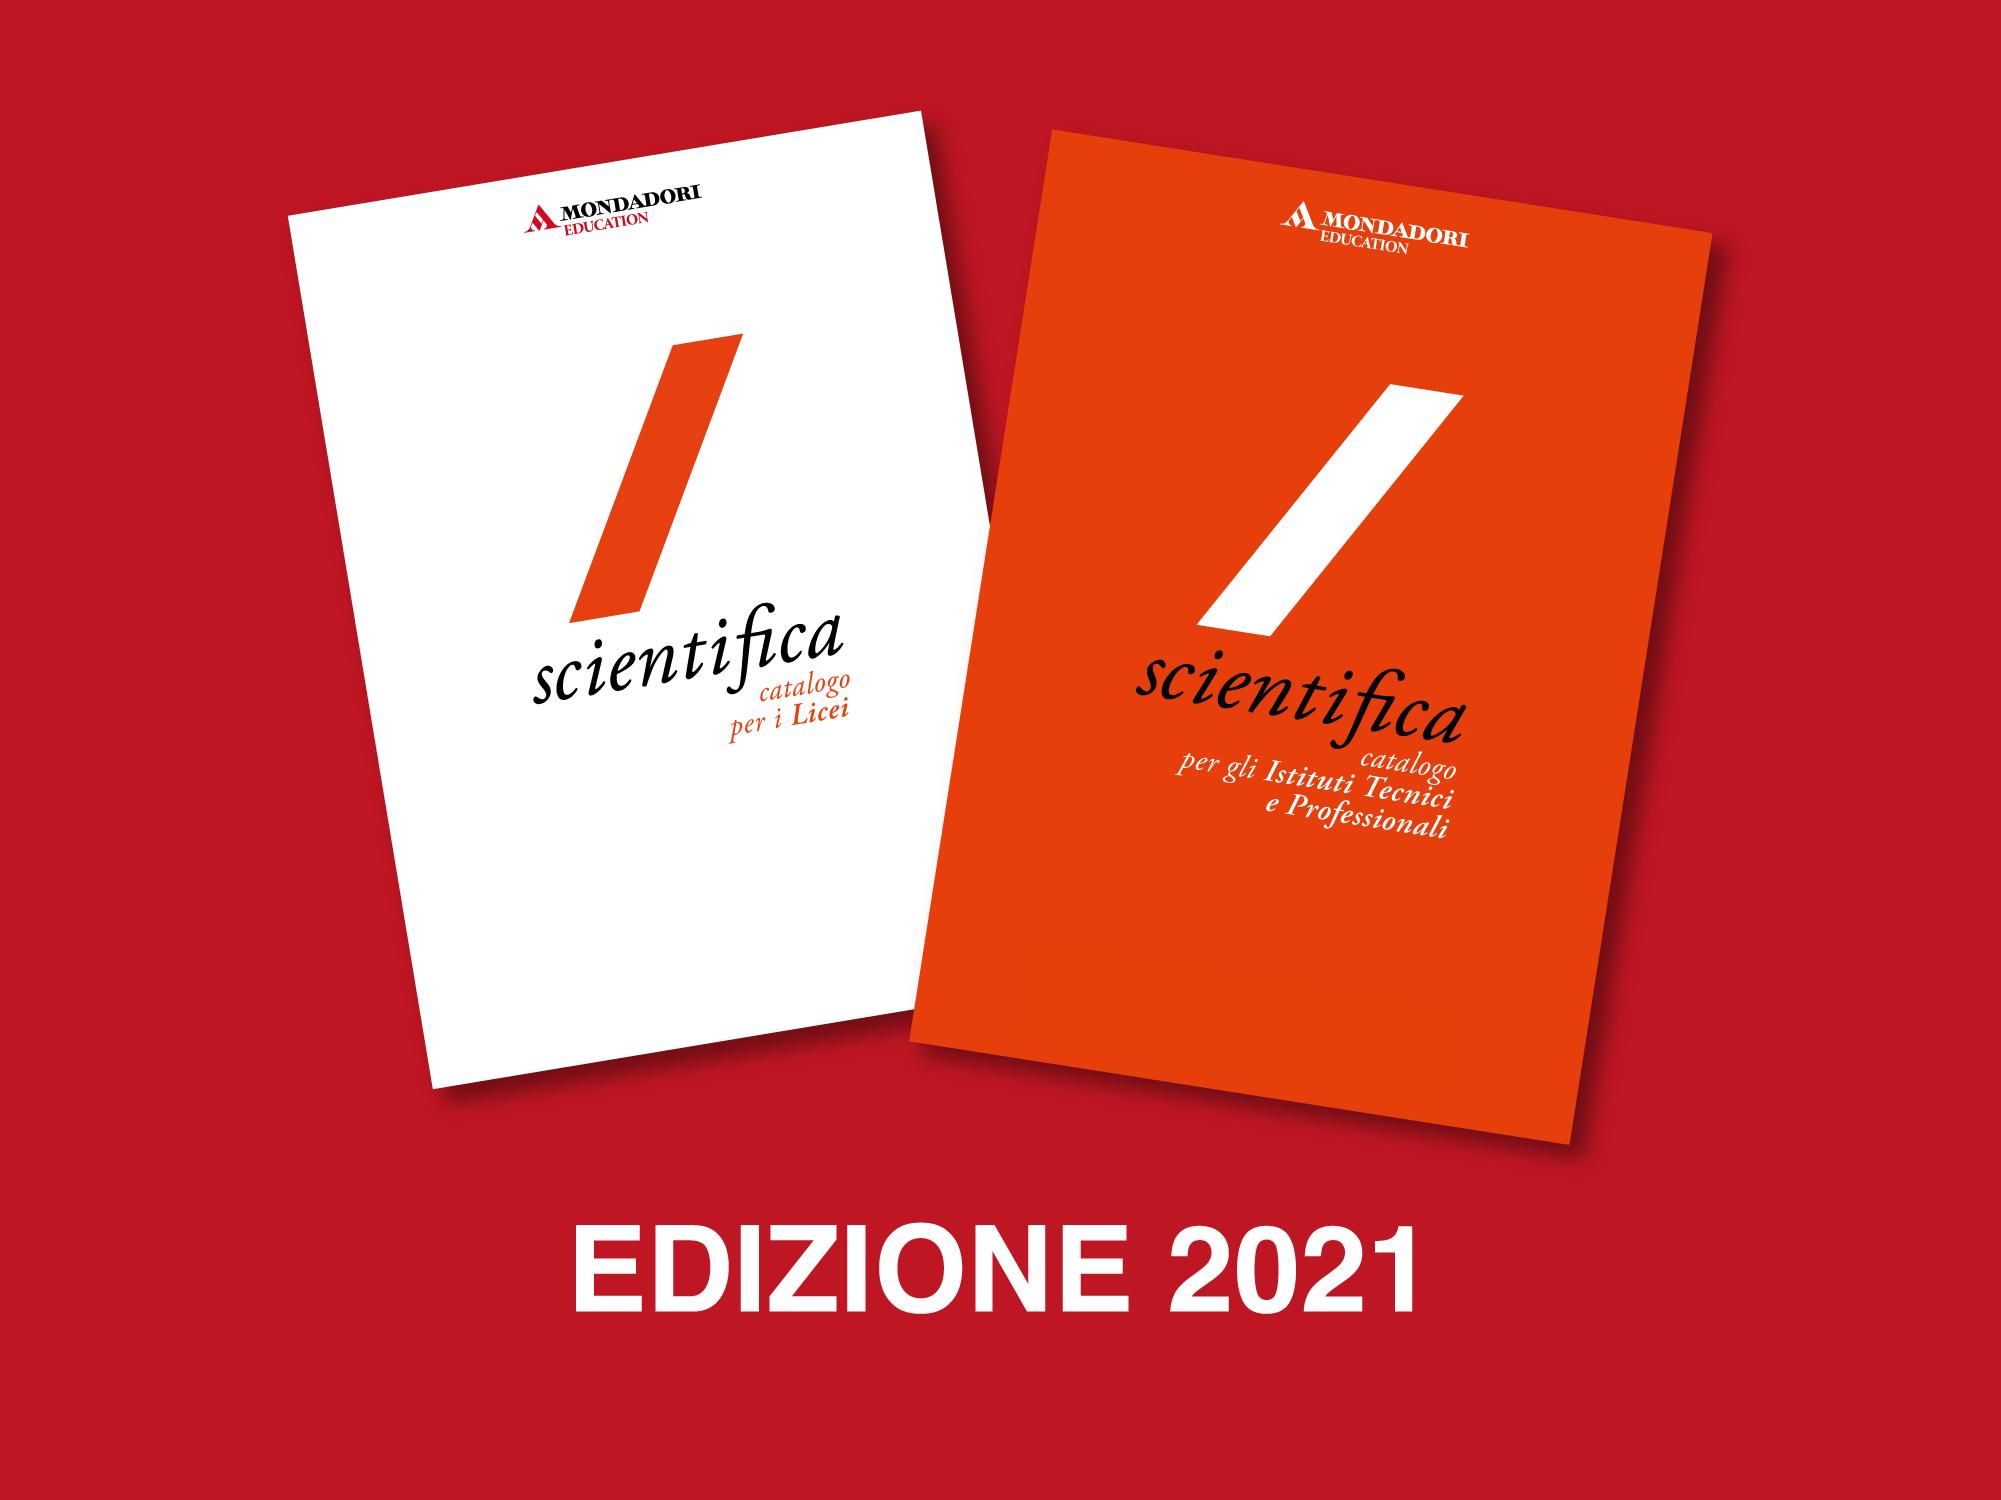 Mondadori Scientifica 2021